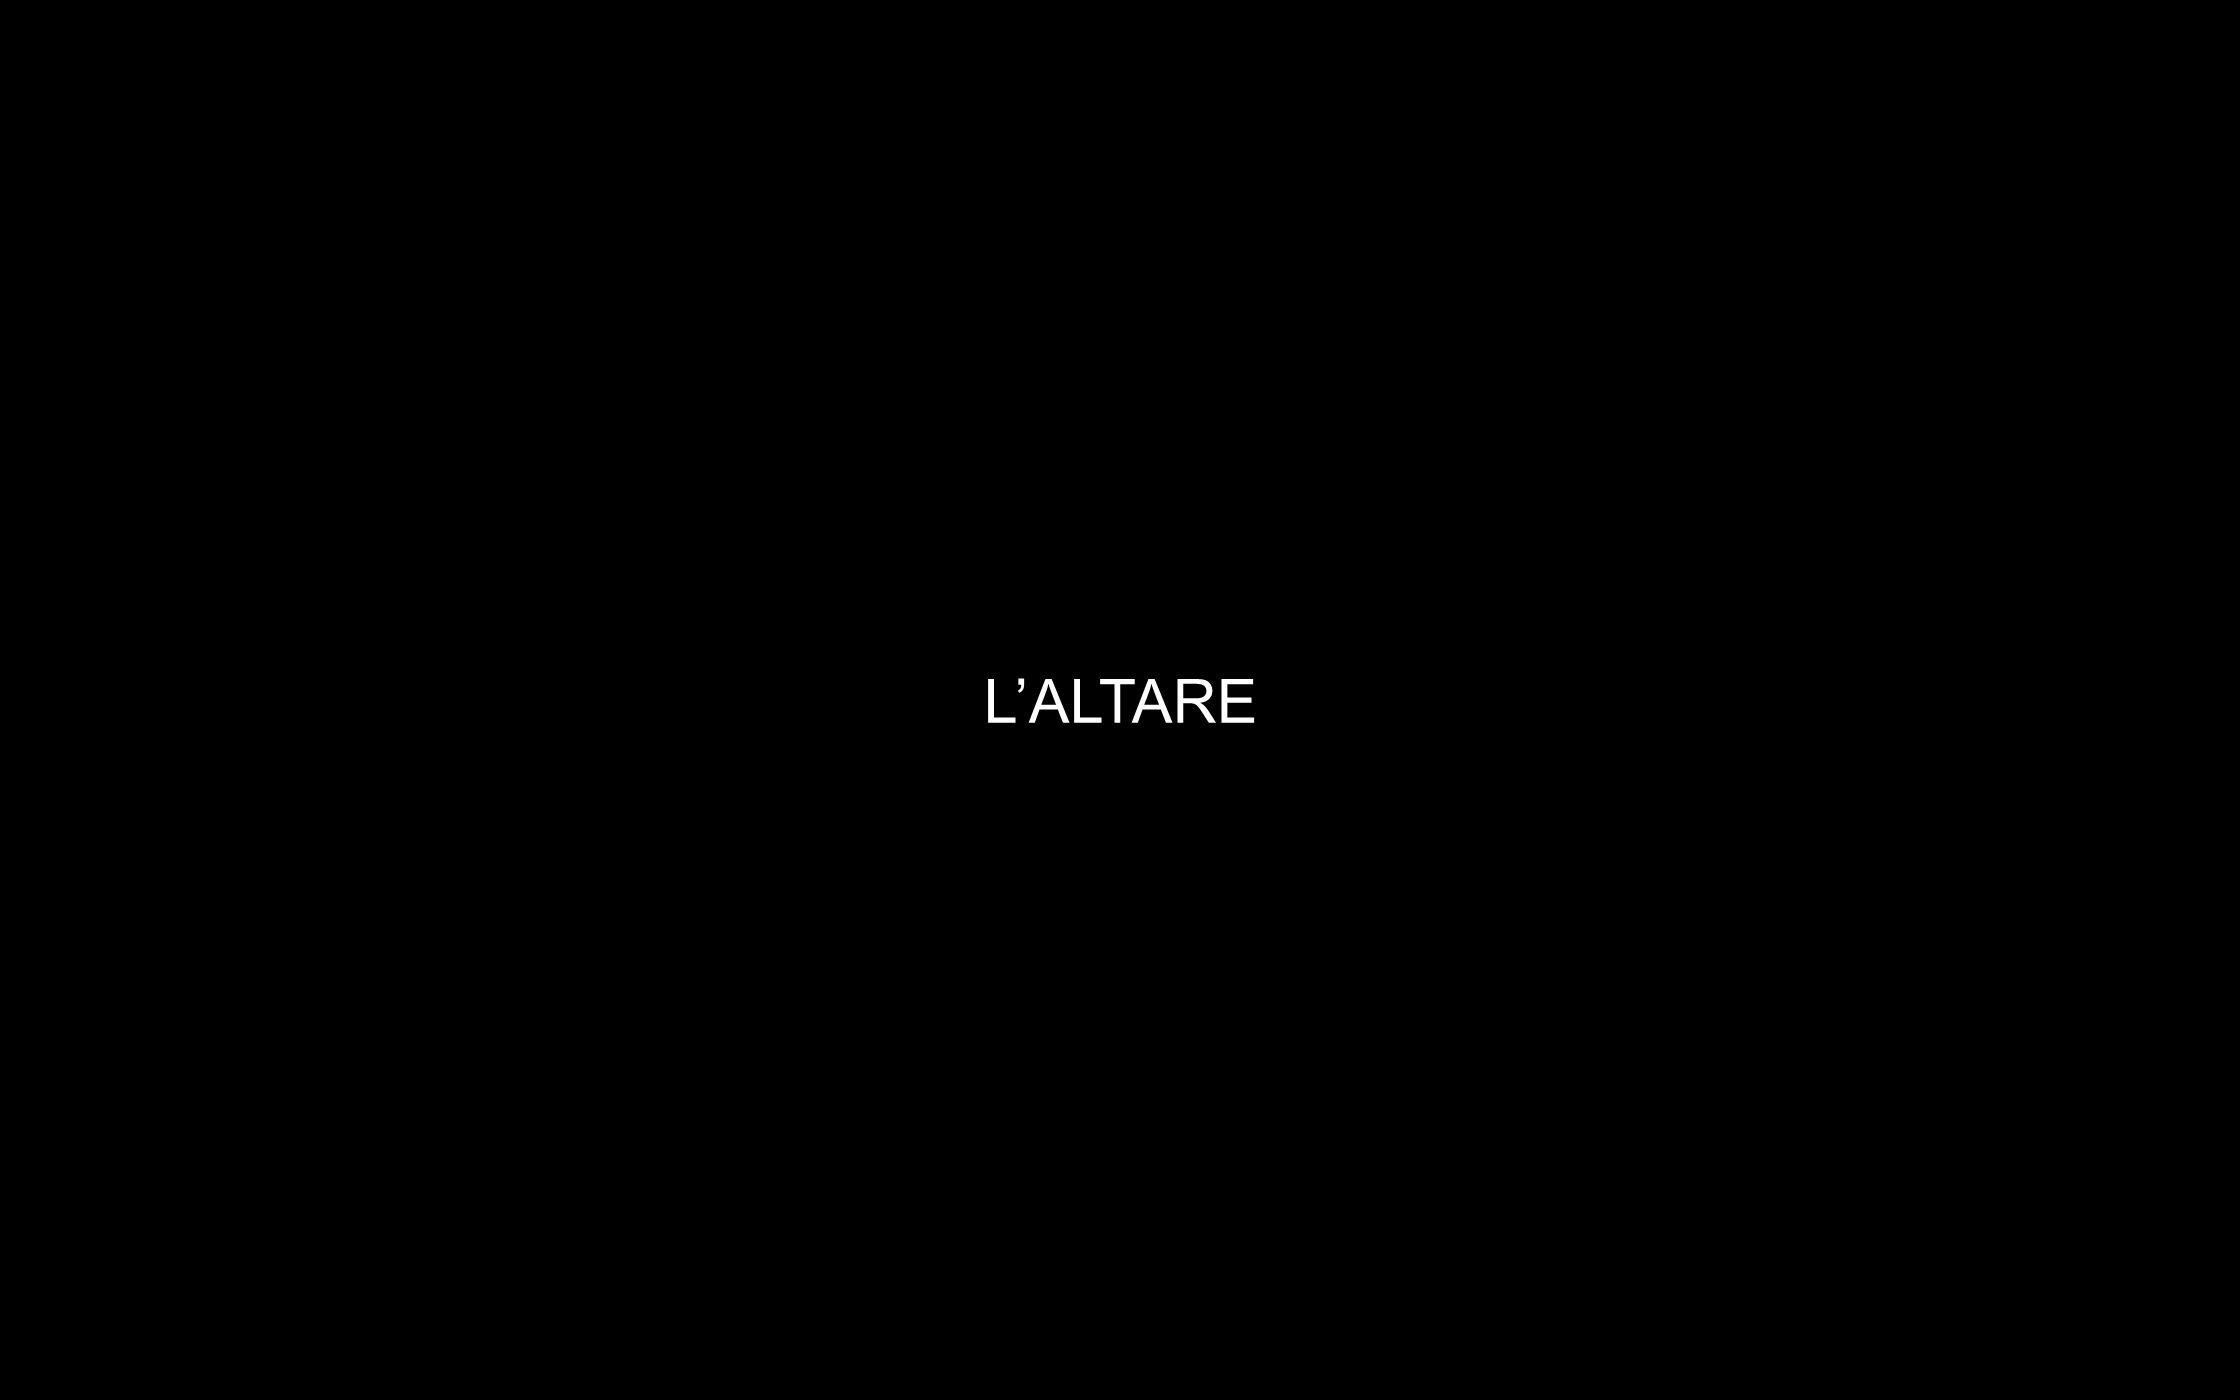 LALTARE